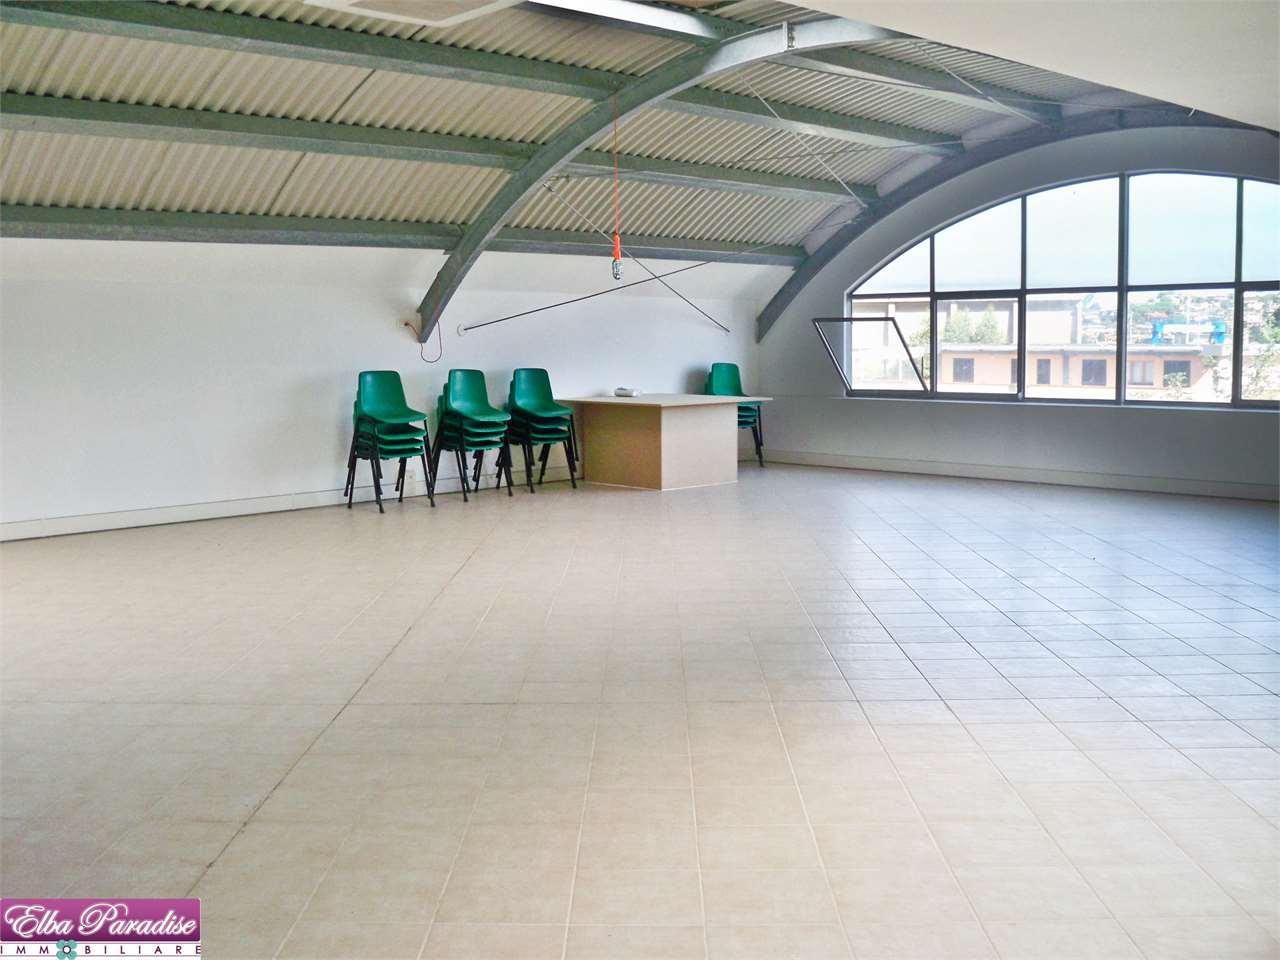 Ufficio / Studio in affitto a Portoferraio, 9999 locali, zona Località: Zona Periferica, prezzo € 1.500 | PortaleAgenzieImmobiliari.it